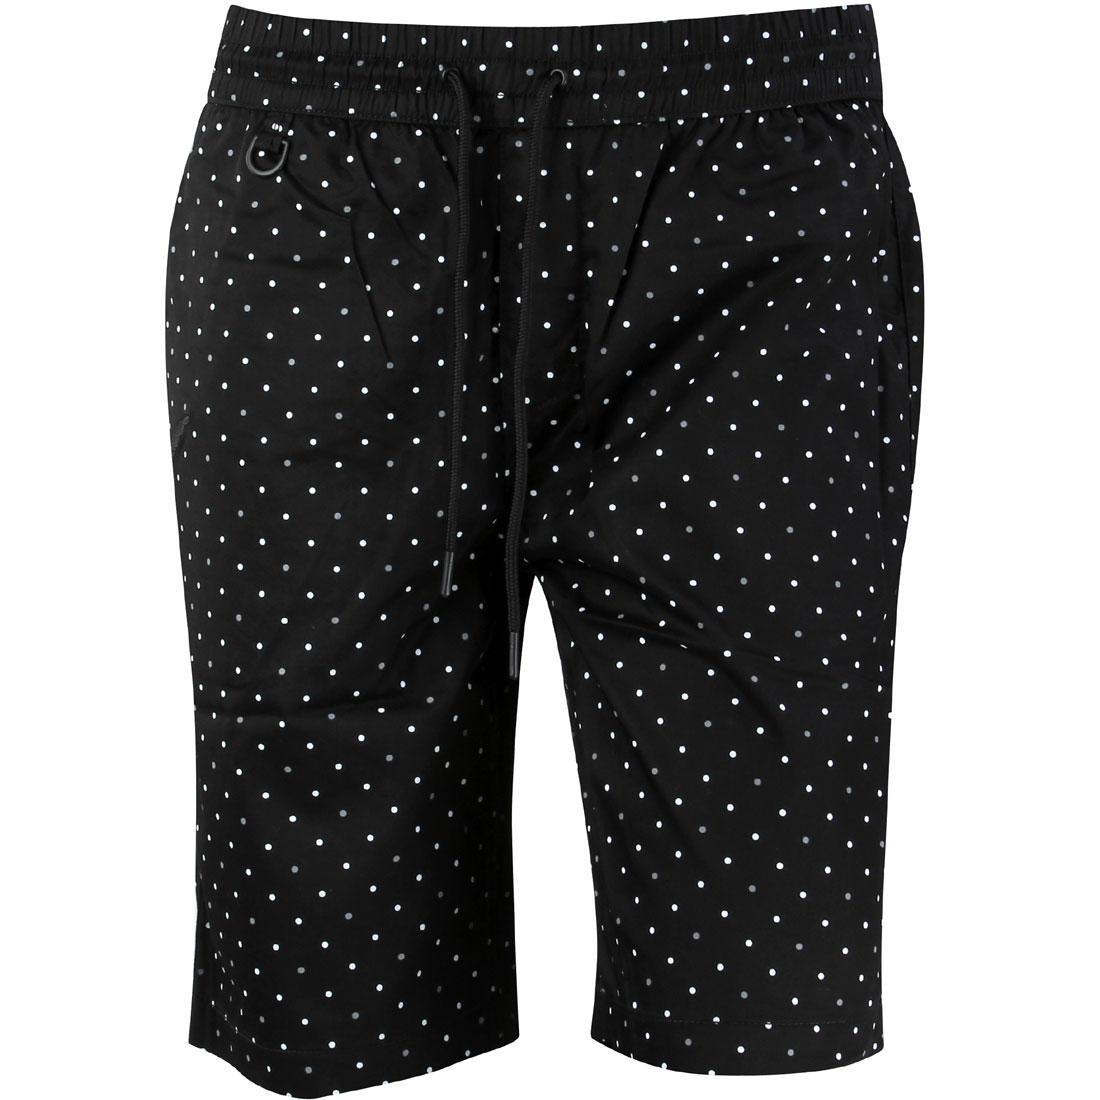 パブリッシュ ショーツ ハーフパンツ 黒 ブラック 【 BLACK PUBLISH MEN SIMON 3M SHORTS 】 メンズファッション ズボン パンツ